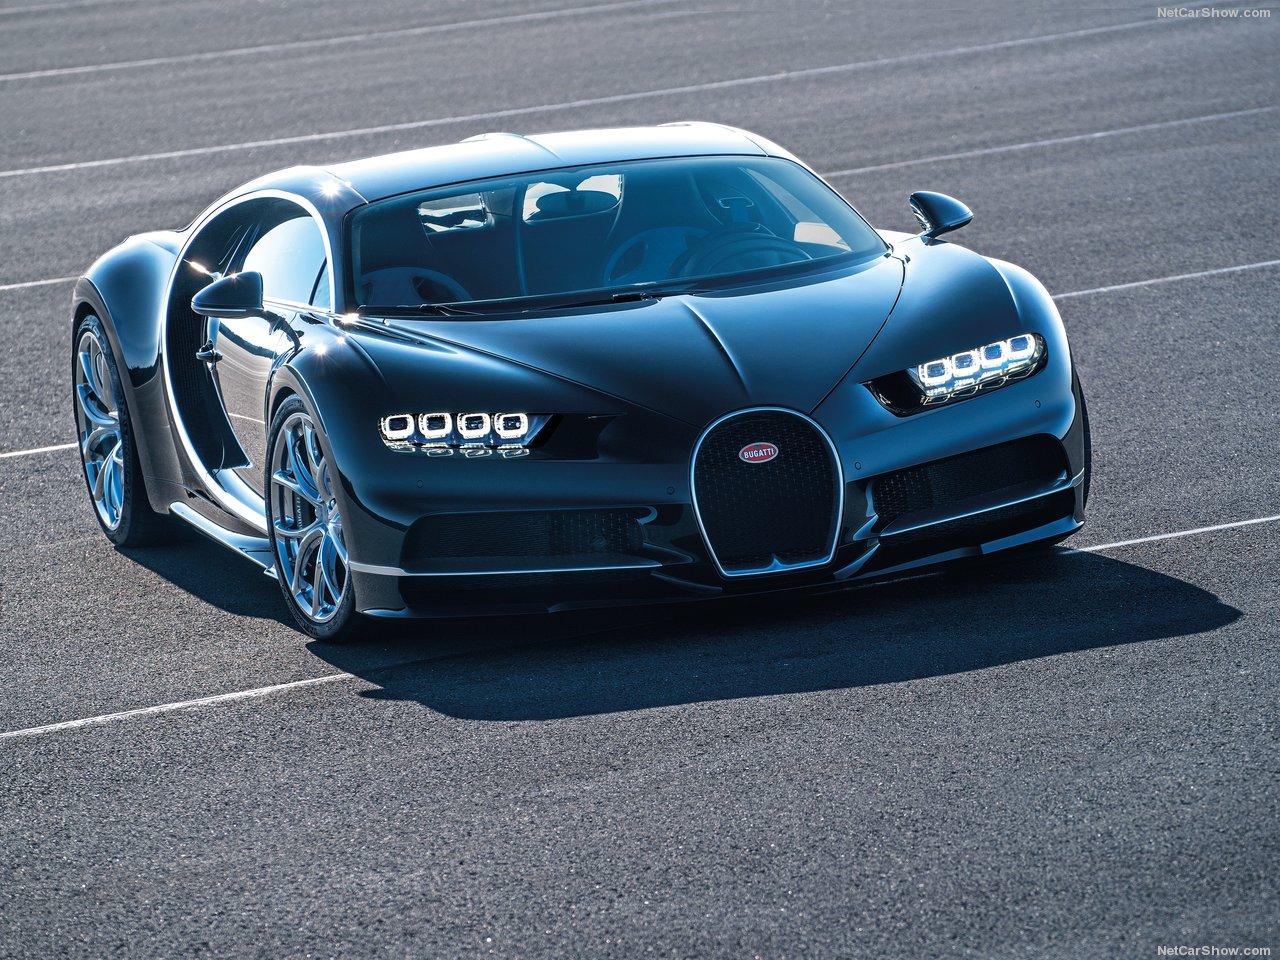 bugatti-chiron-2017-1280-02.jpg